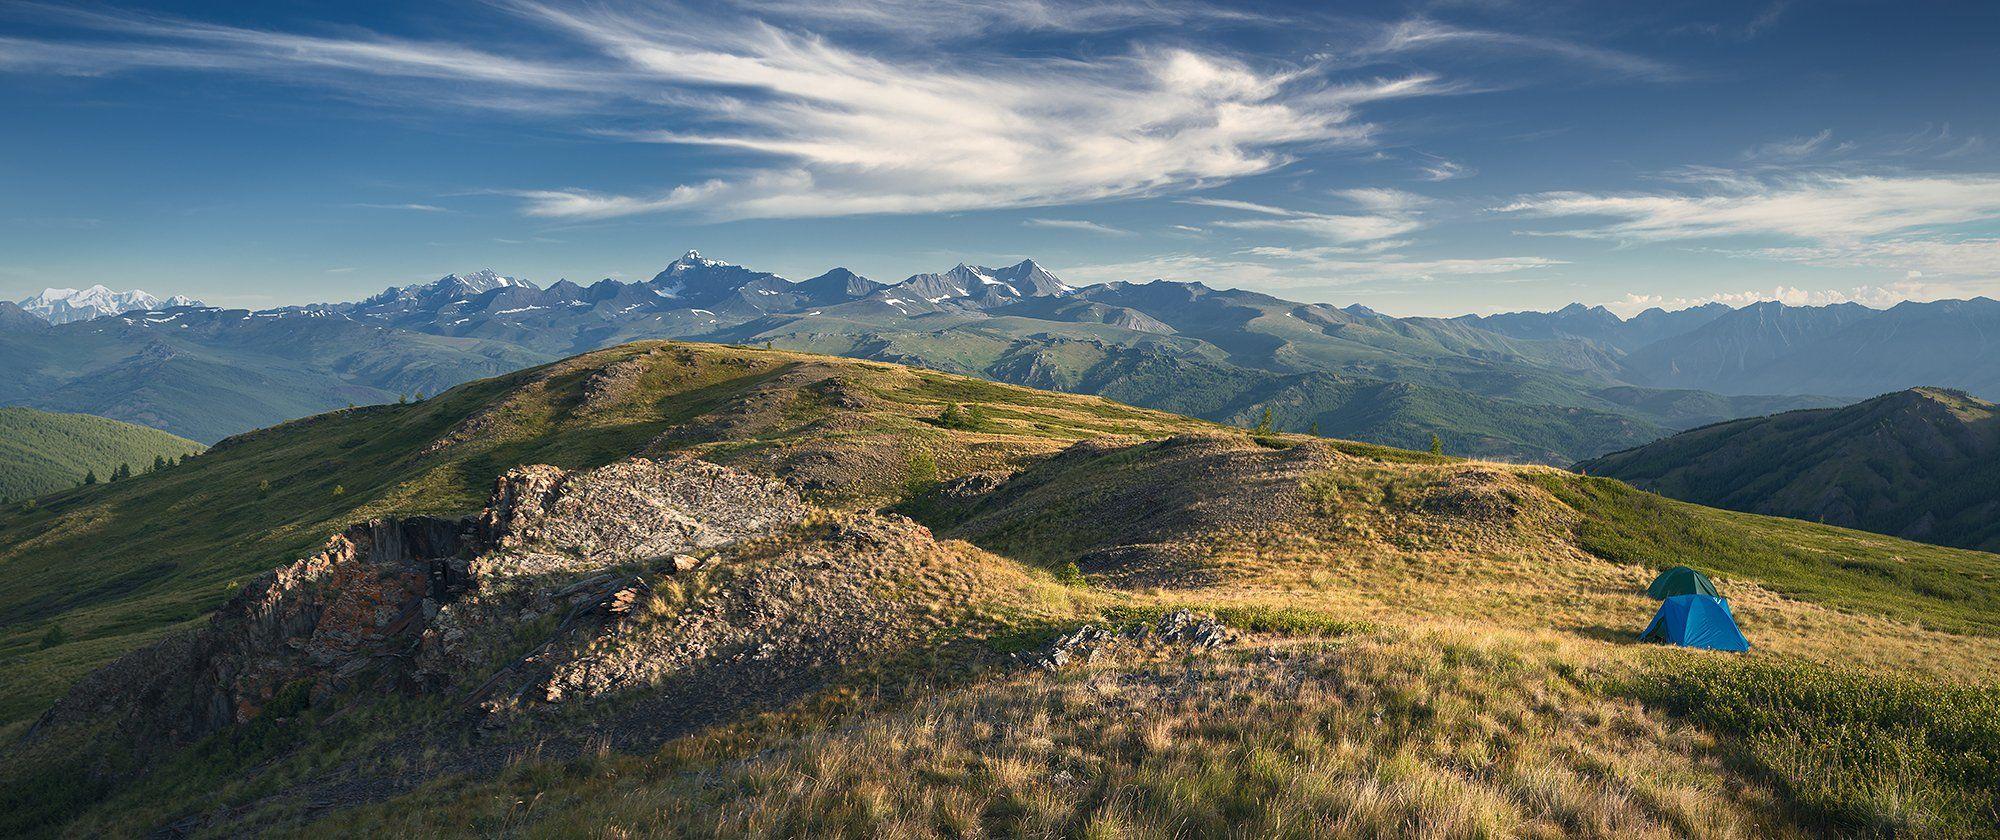 пейзаж, природа, хребет, горы, вершины, белуха, шенелю, катунский, хребет, палатки, ночевка, утро, алтай, красивая, природа, большой, высокий, панорама, белуха, Антипов Дмитрий